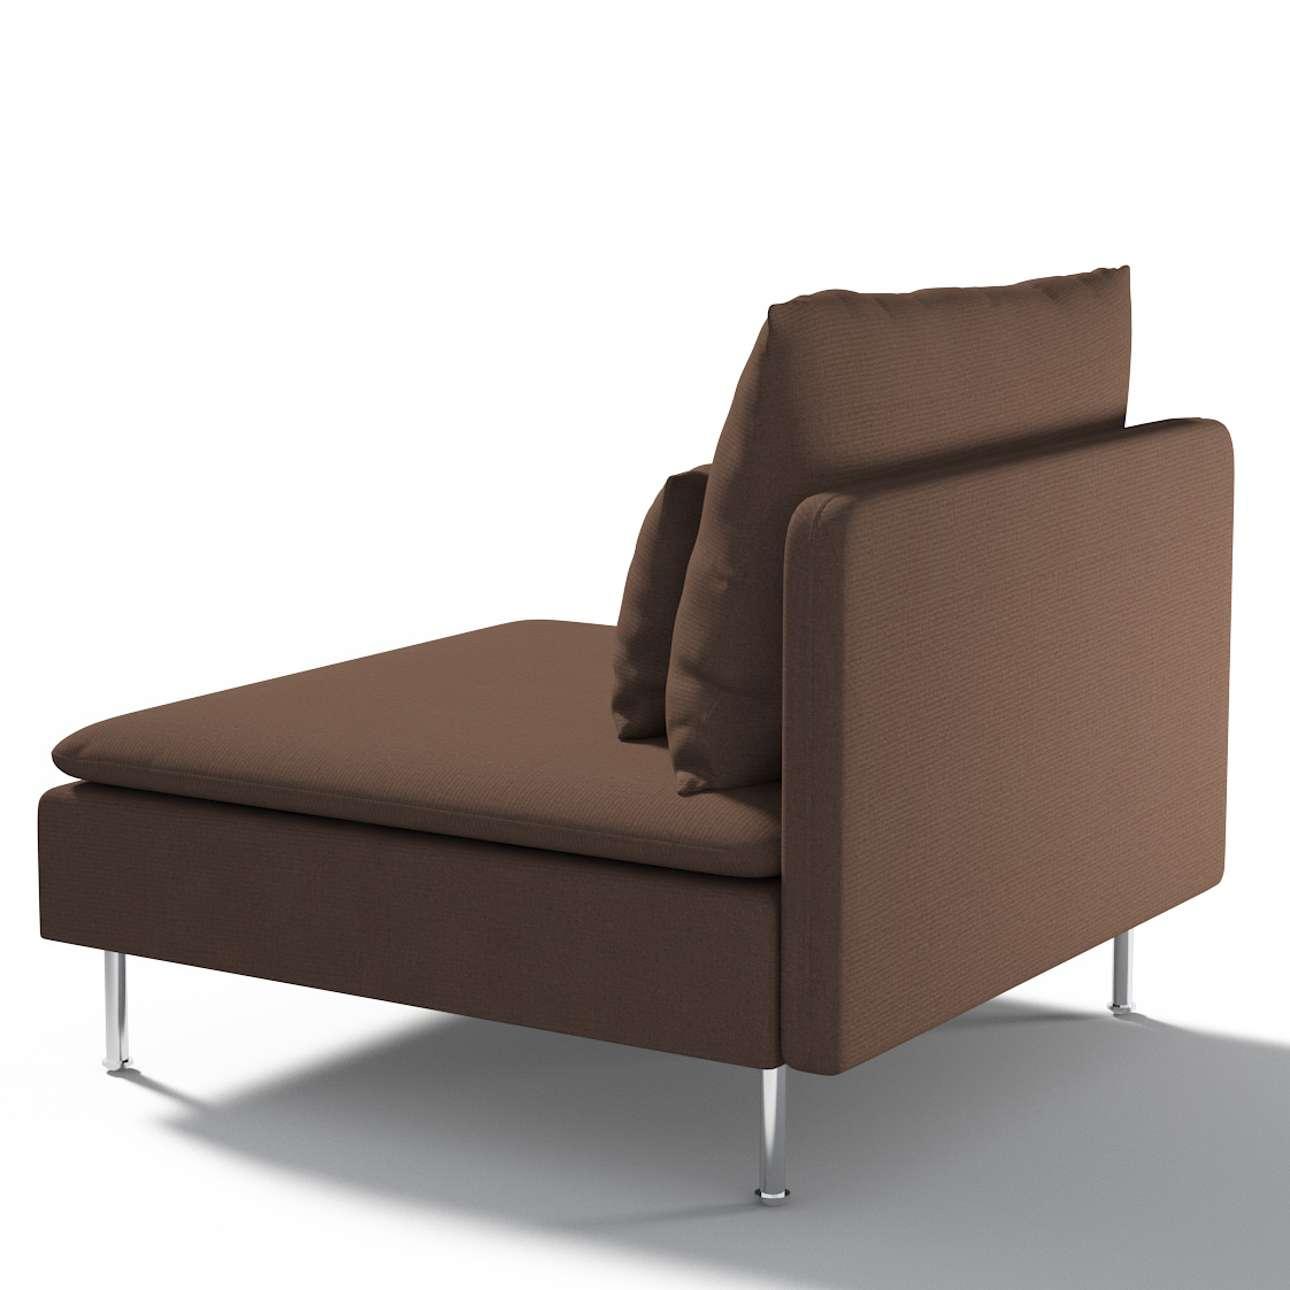 Söderhamn Bezug für Sitzelement 1 Sitzelement 1 von der Kollektion Etna, Stoff: 705-08